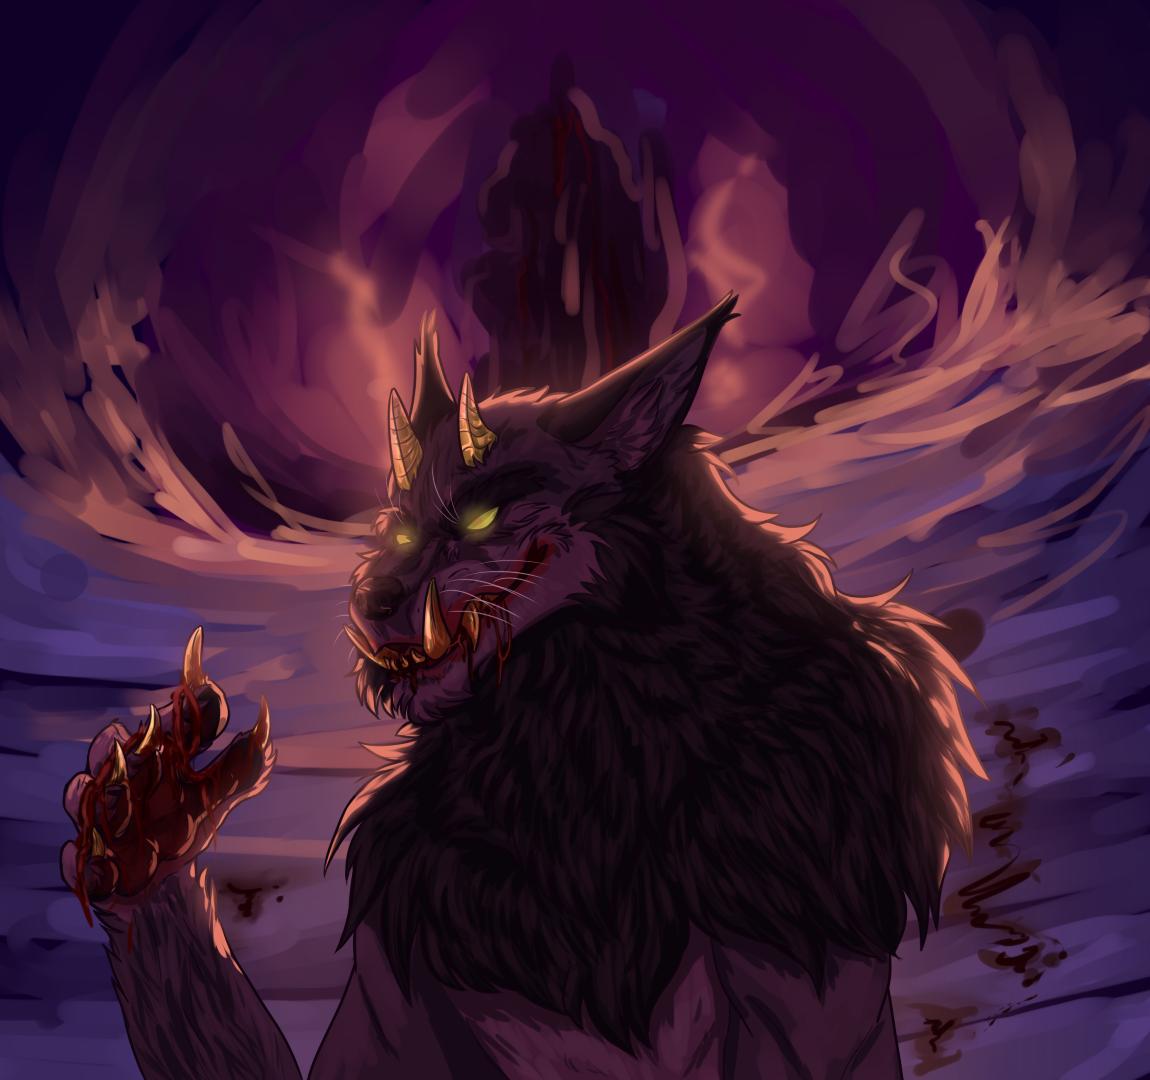 Big Bad Wolf by Sniv-The-Unworthy